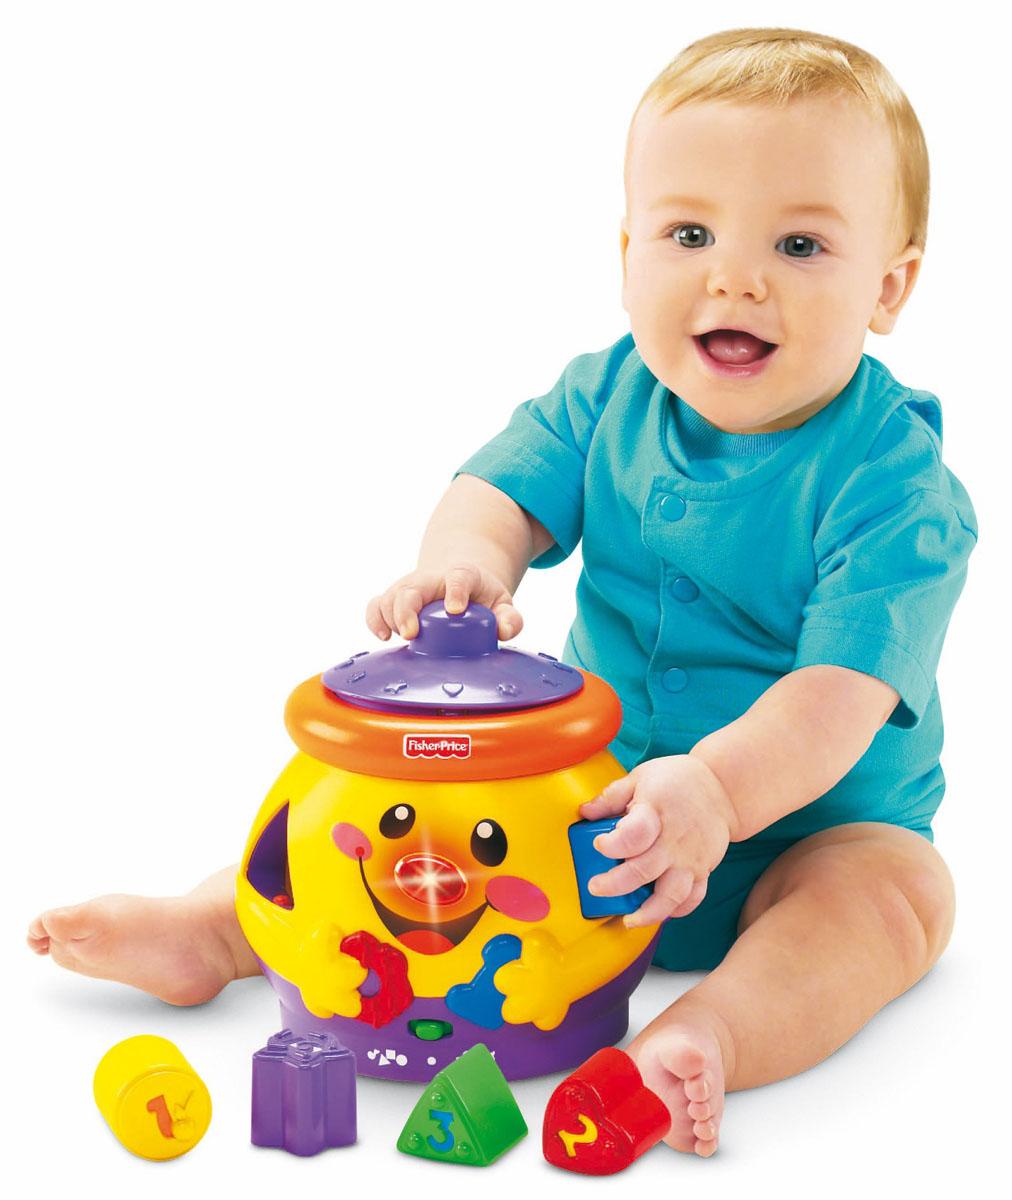 Развивающие игрушки для детей до 1 года своими руками фото